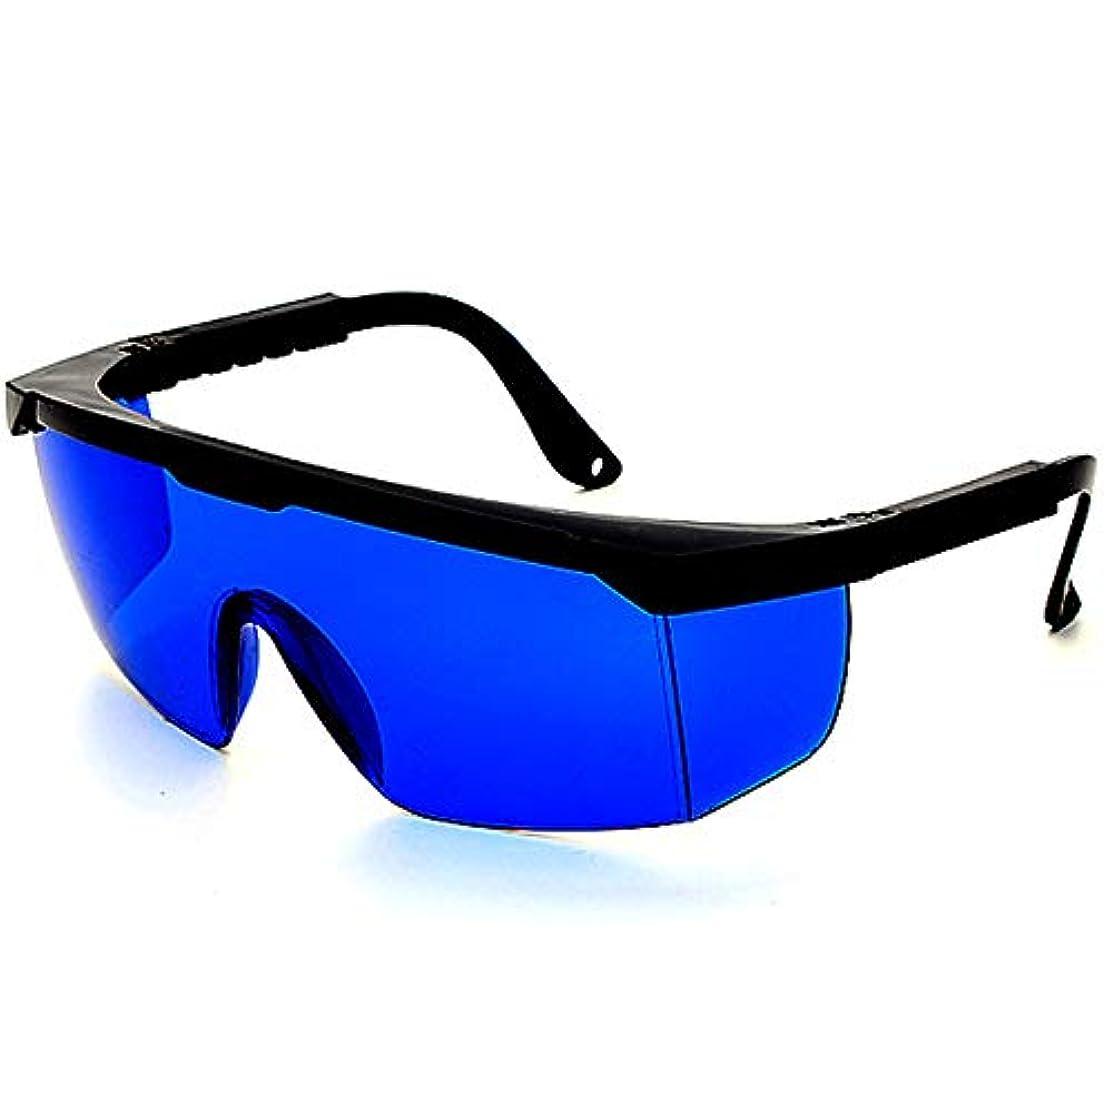 あいまいエスニックレーザー保護メガネIPL美容機器メガネ、レーザーメガネ - 2組のパルス光保護メガネ。